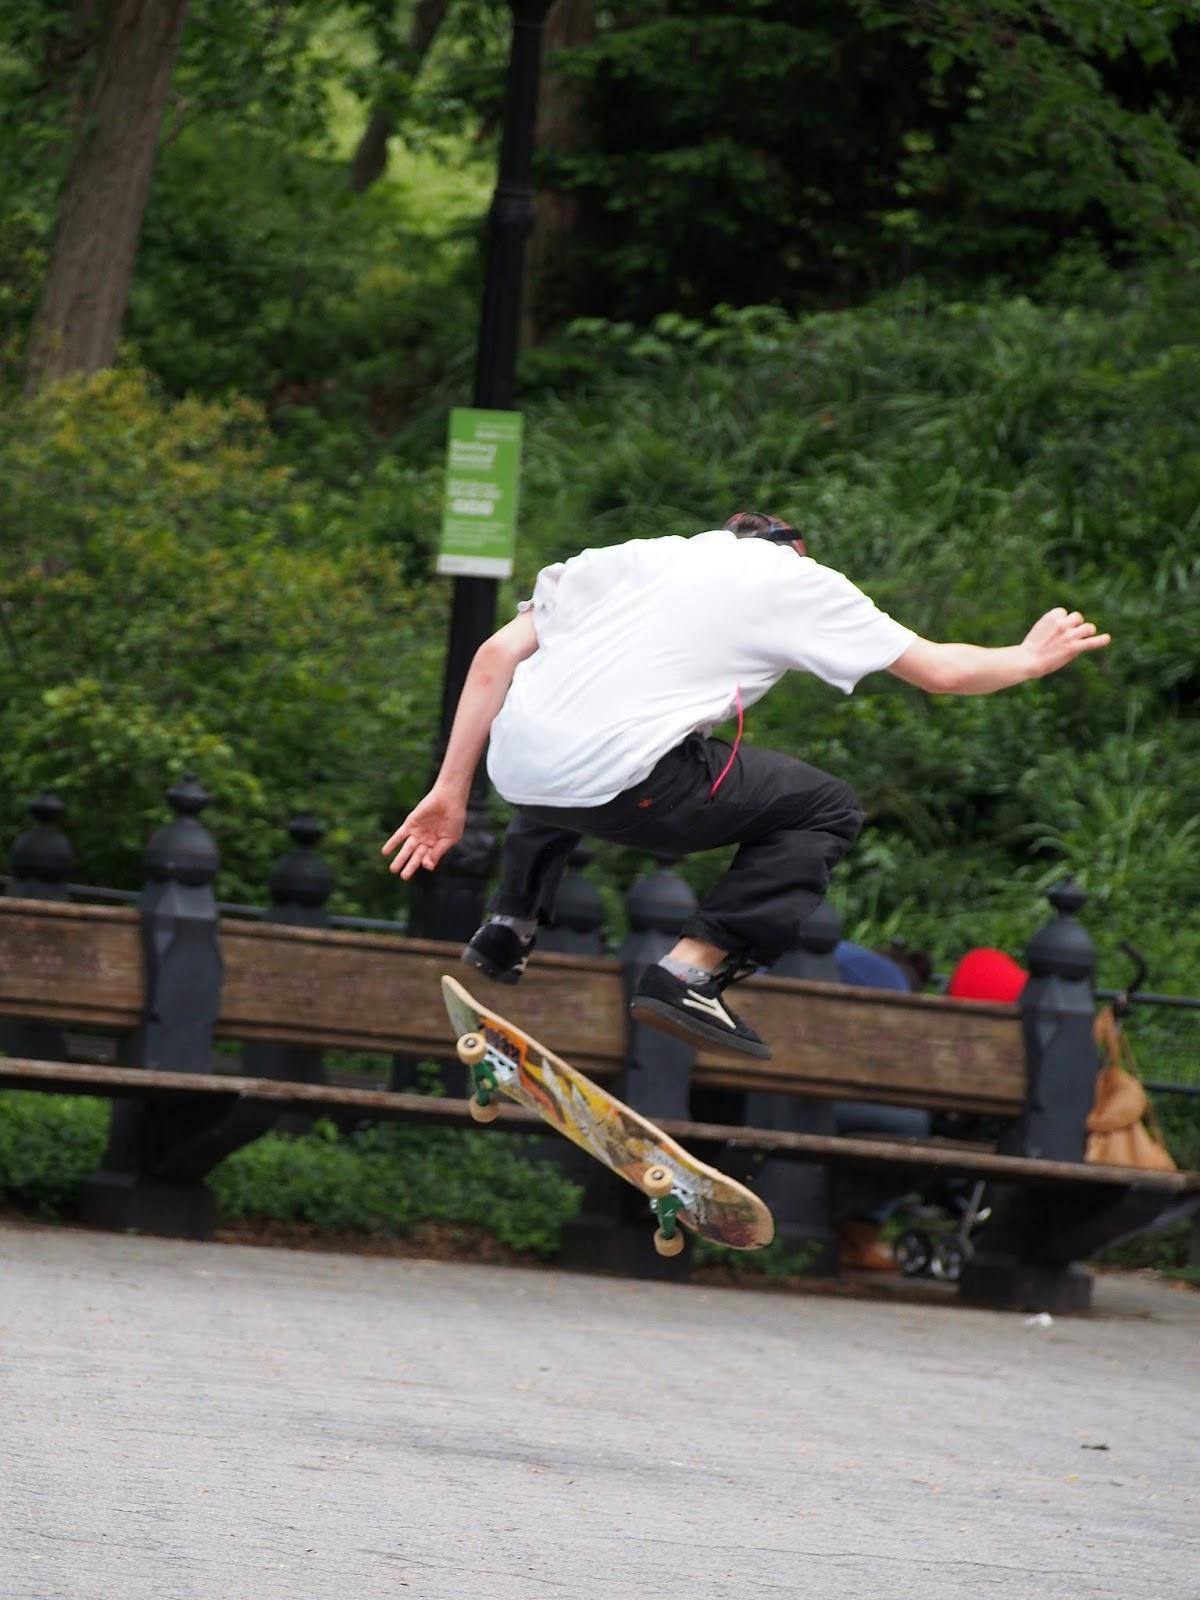 Jump #skaterboarder #nyc #nycstreetscenes 2014